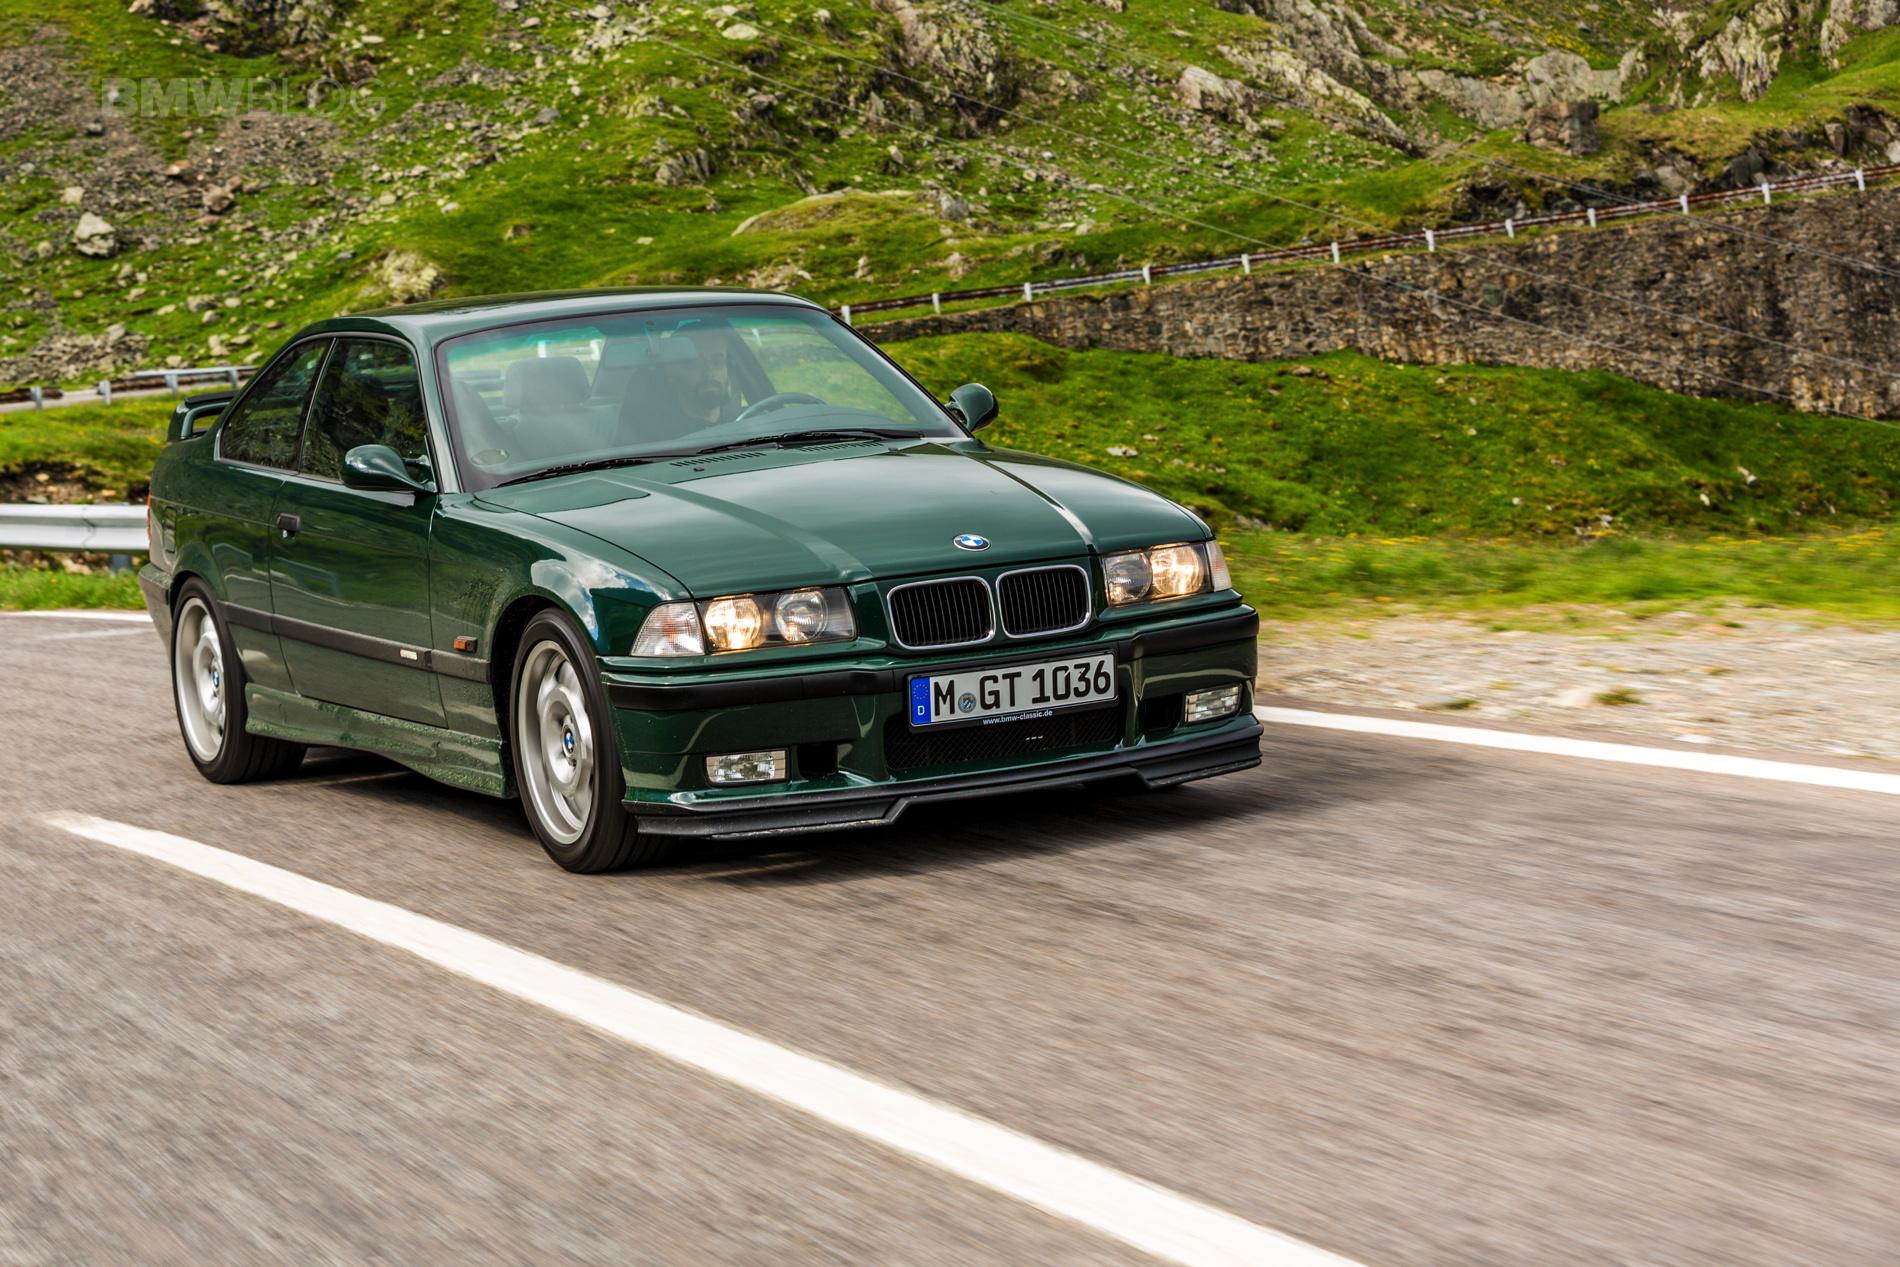 BMW M3 GT E36 09